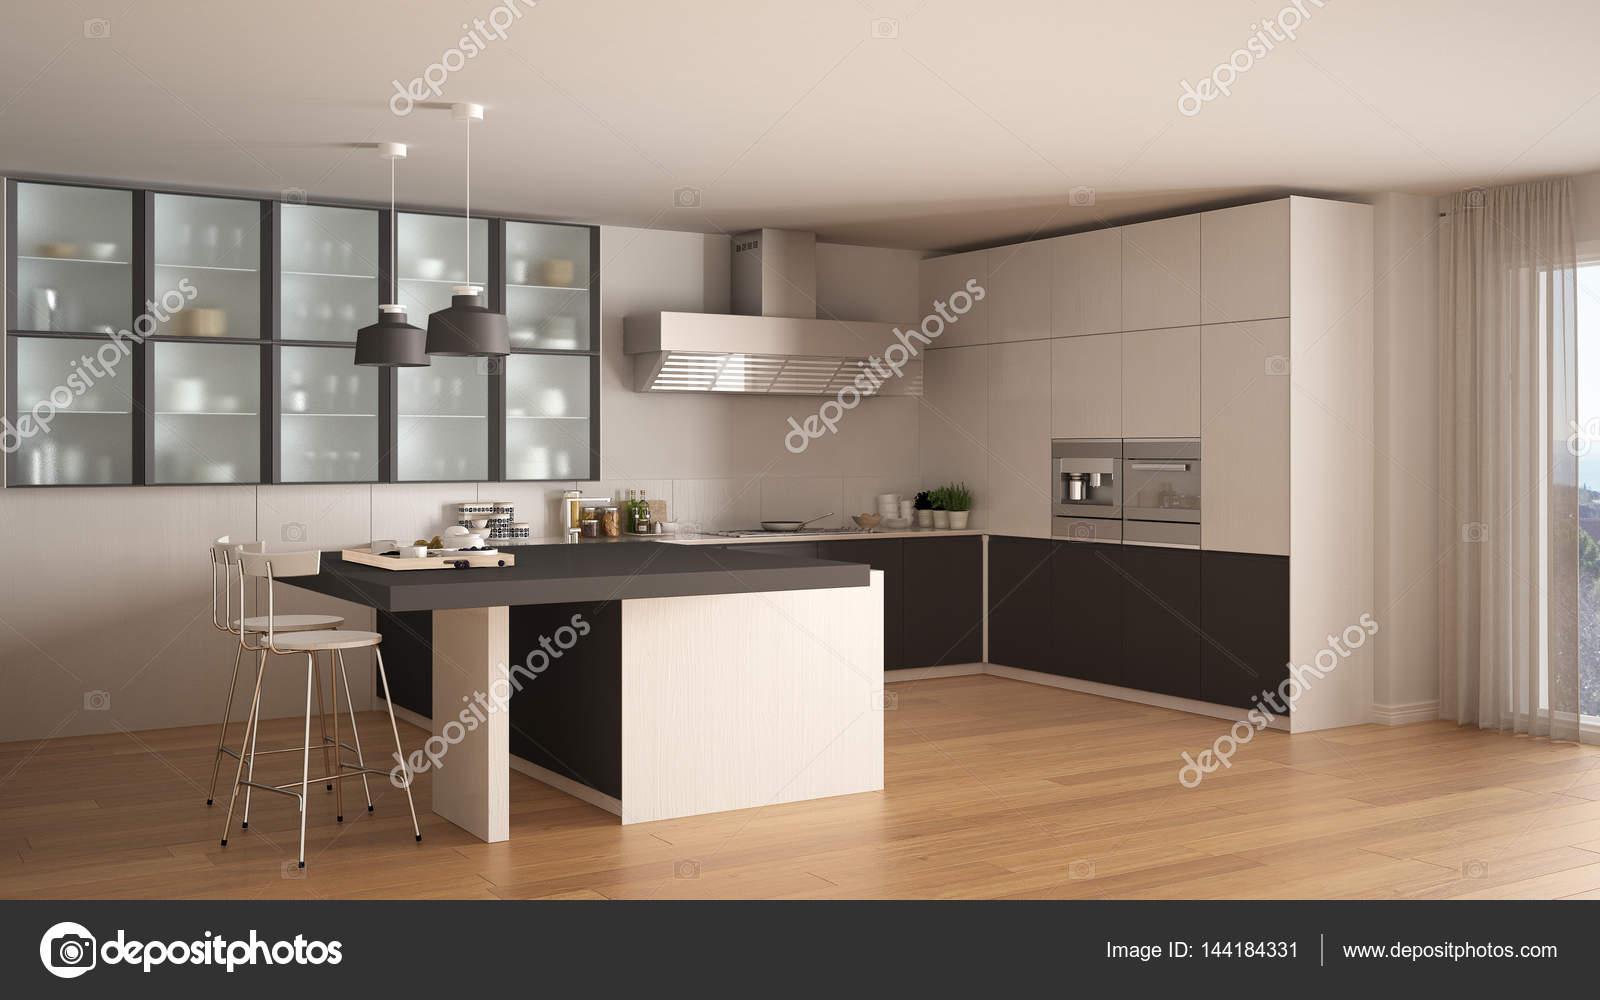 gray kitchen floor country island 经典的最小白色和灰色厨房 镶木地板 现代 图库照片 c archiviz 144184331